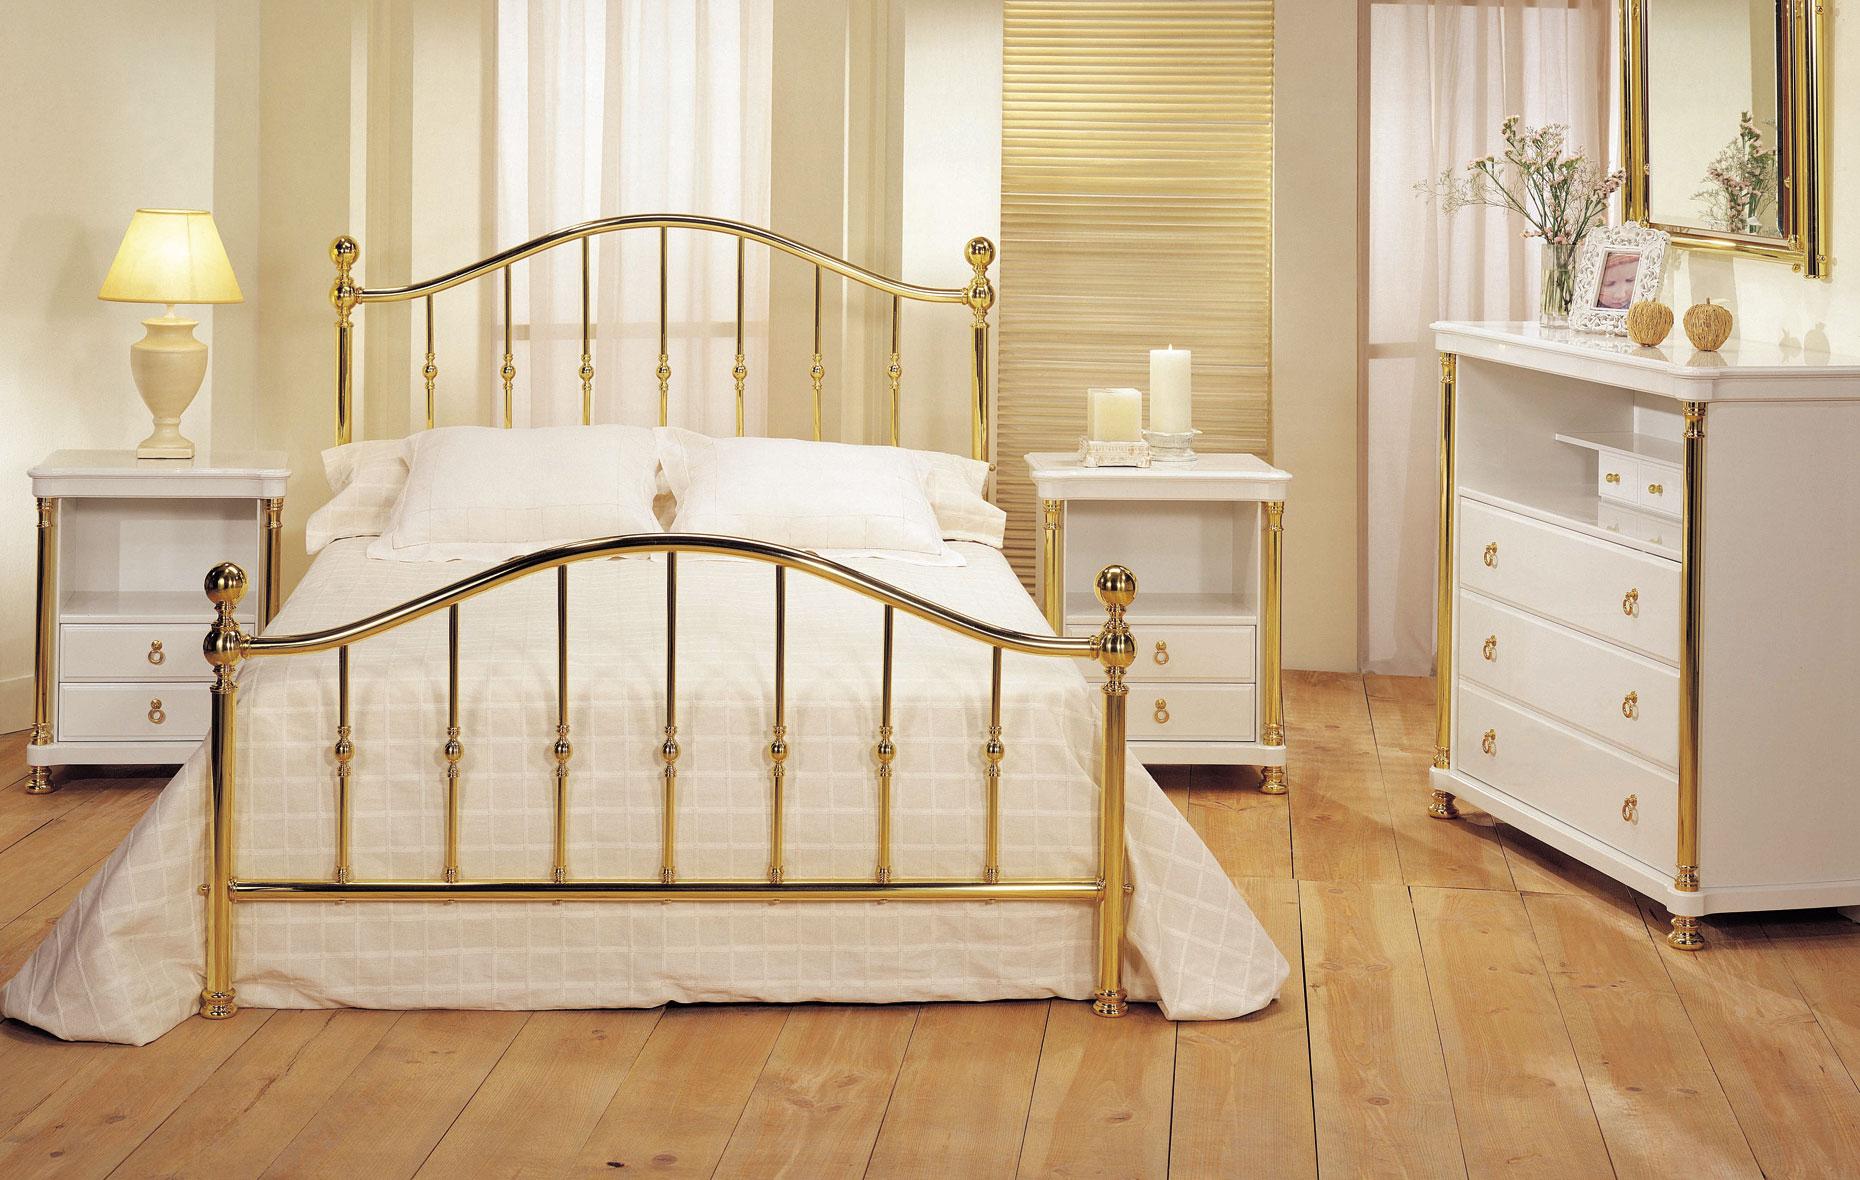 Dormitorio forja Vittoria en Portobellostreet